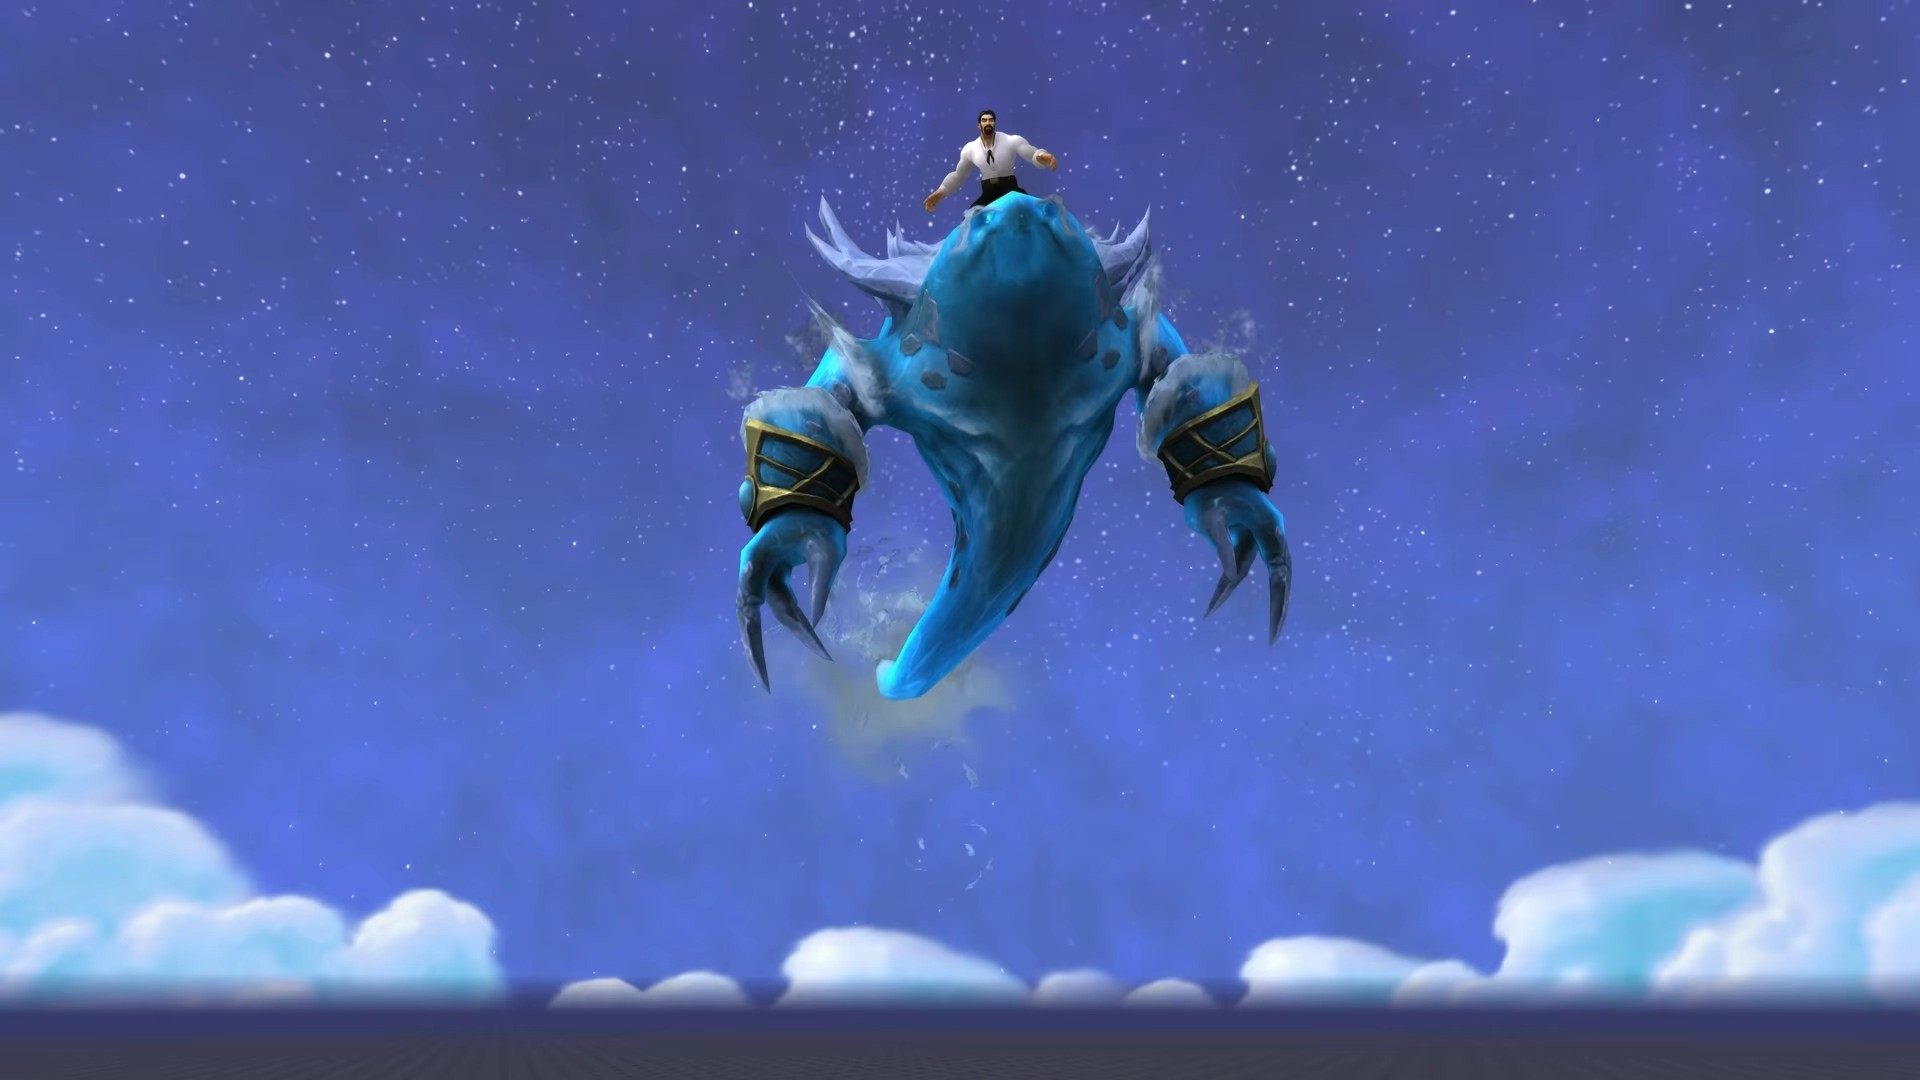 《魔兽世界》8.1吉安娜进本 掉落水元素坐骑